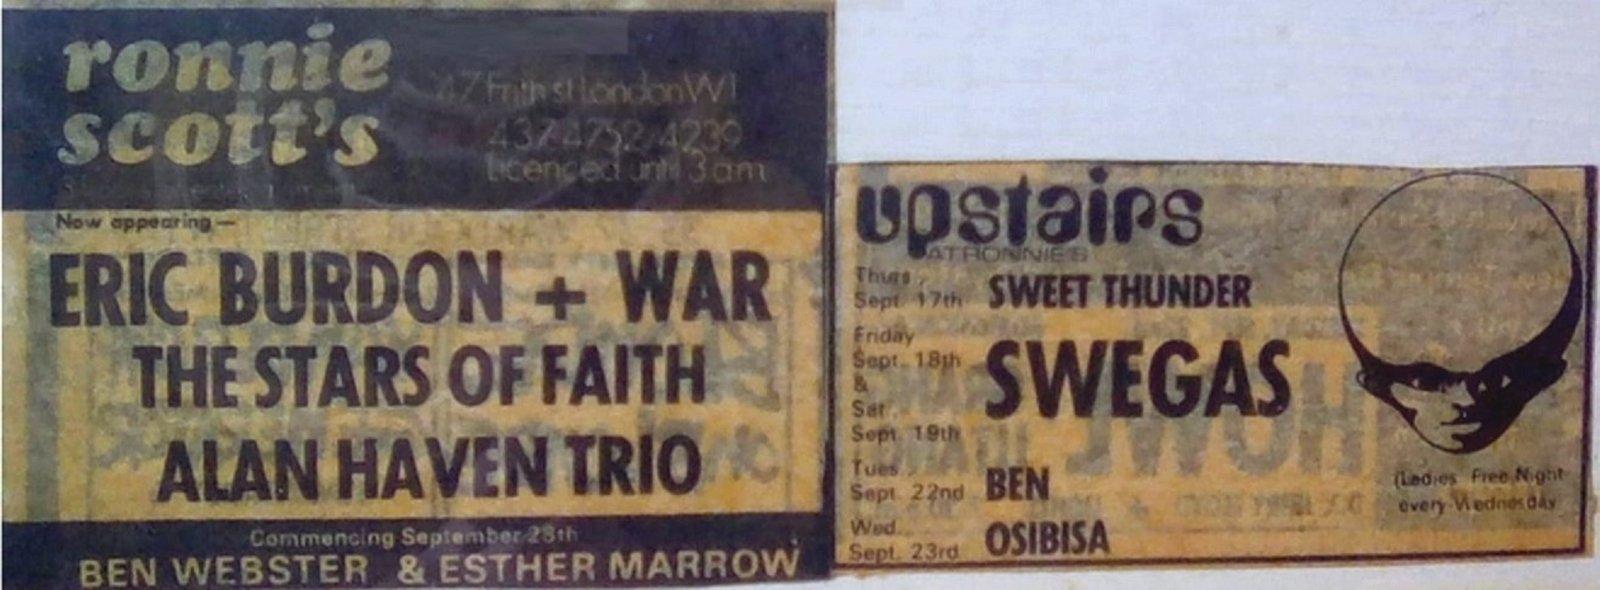 Londres (Ronnie Scott's) : 16 septembre 1970 200108092840416807